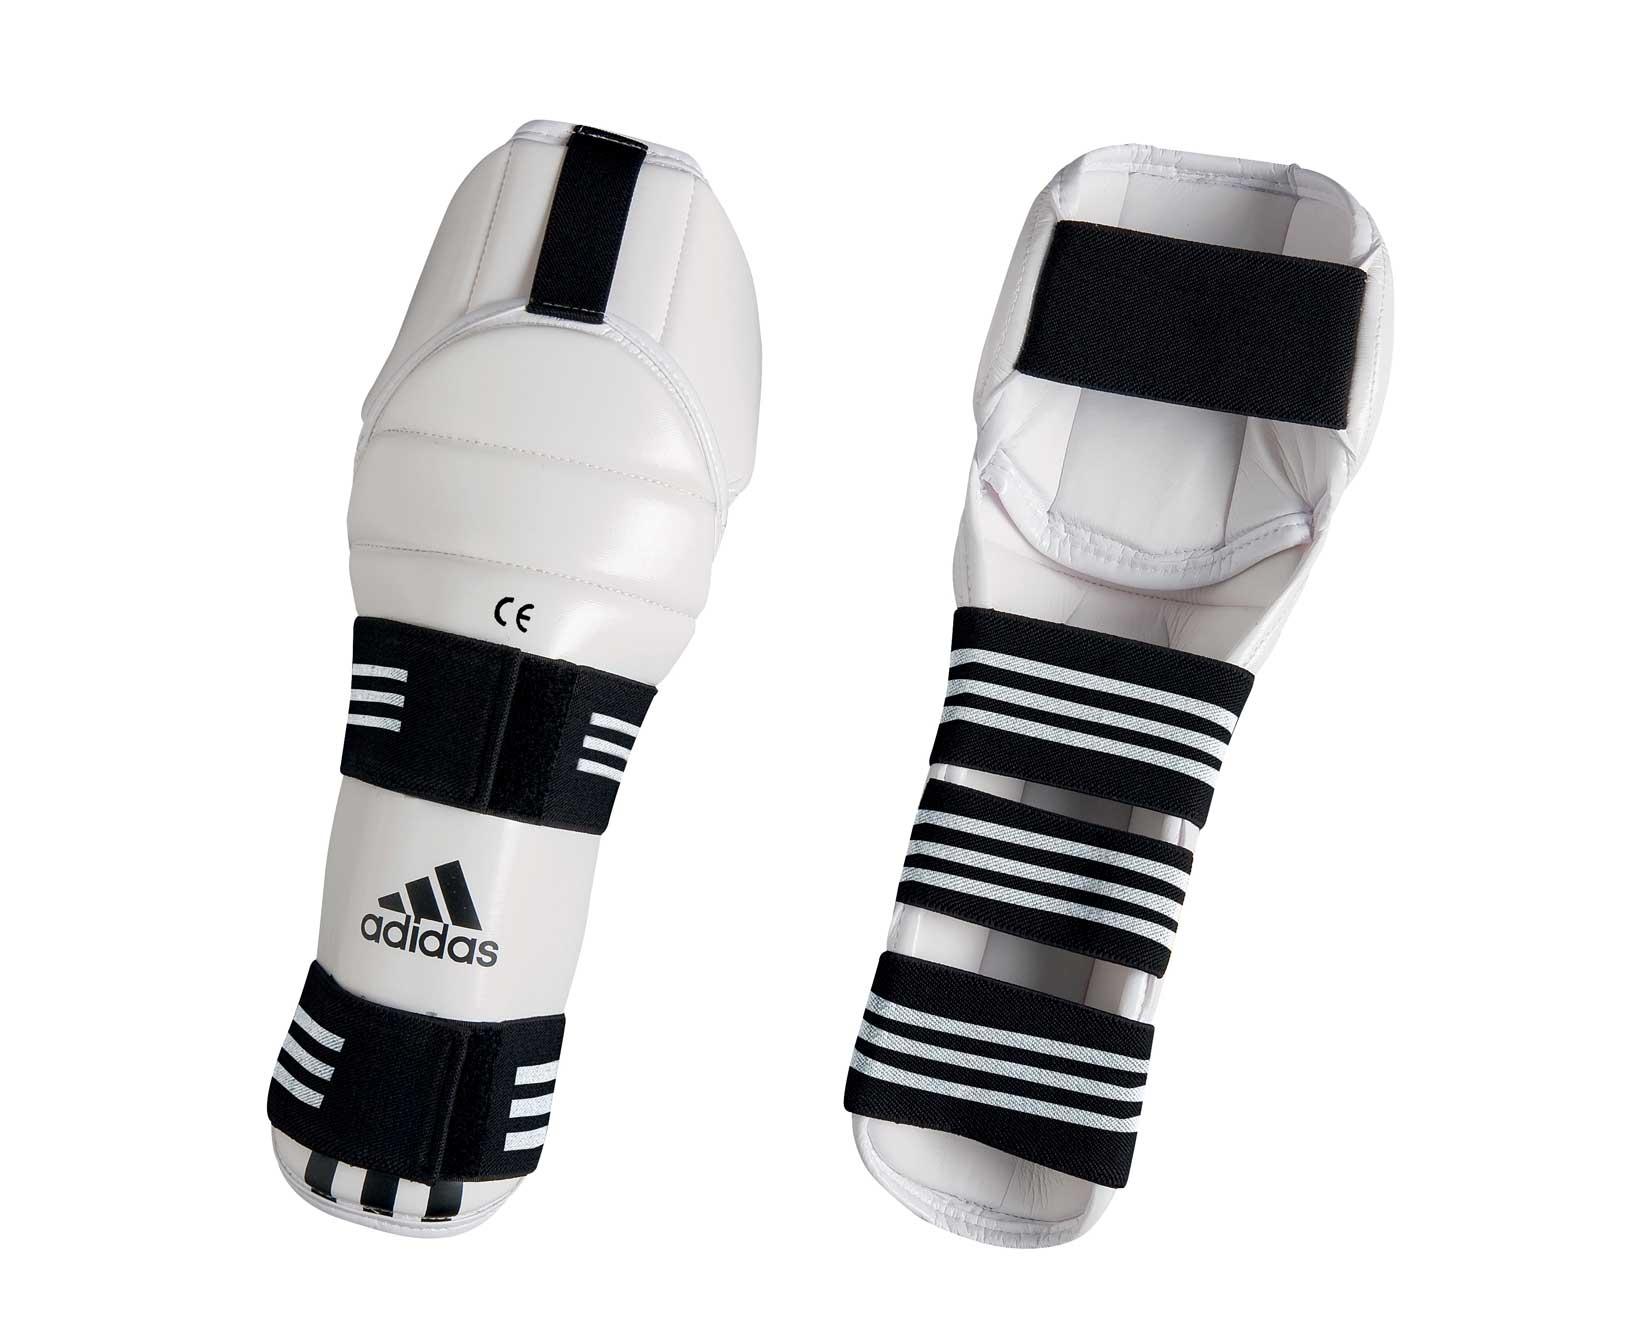 Защита голени и колена для тхэквондо Adidas WTF Shin & Knee Pad Protector белая S